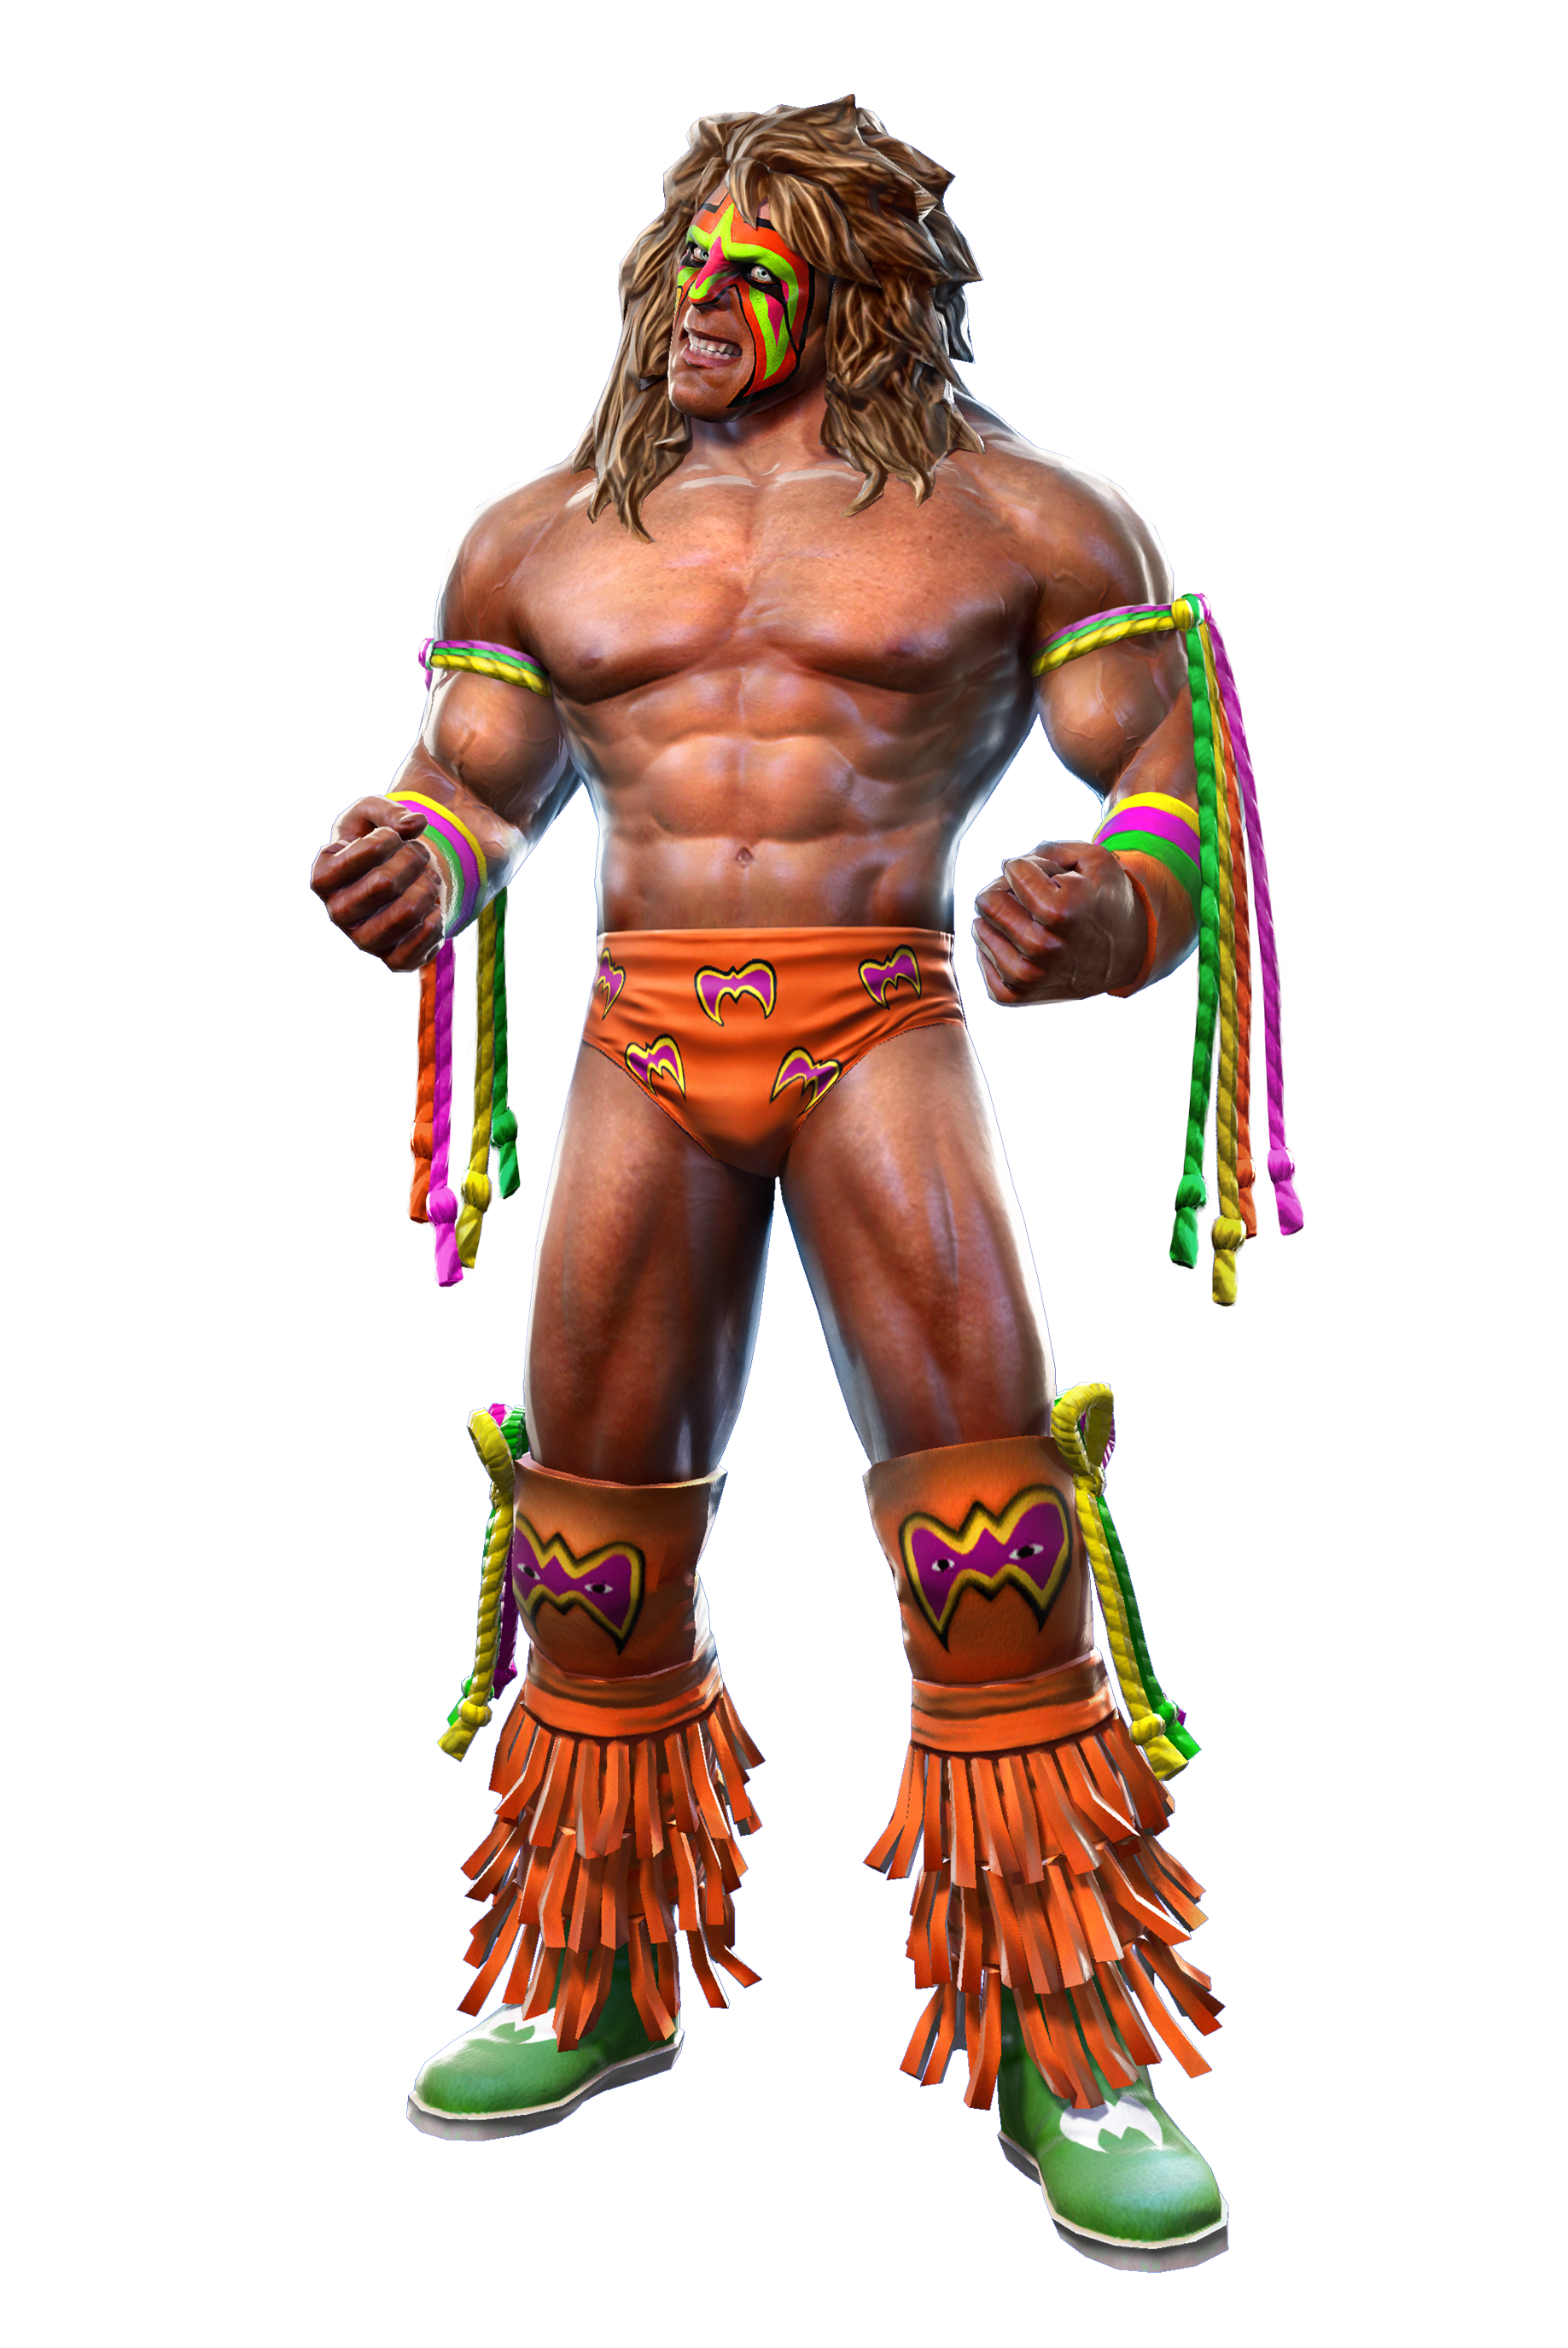 Pin By Felipe Silva On Ultimate Warrior Ultimate Warrior Warrior Warriors Wallpaper